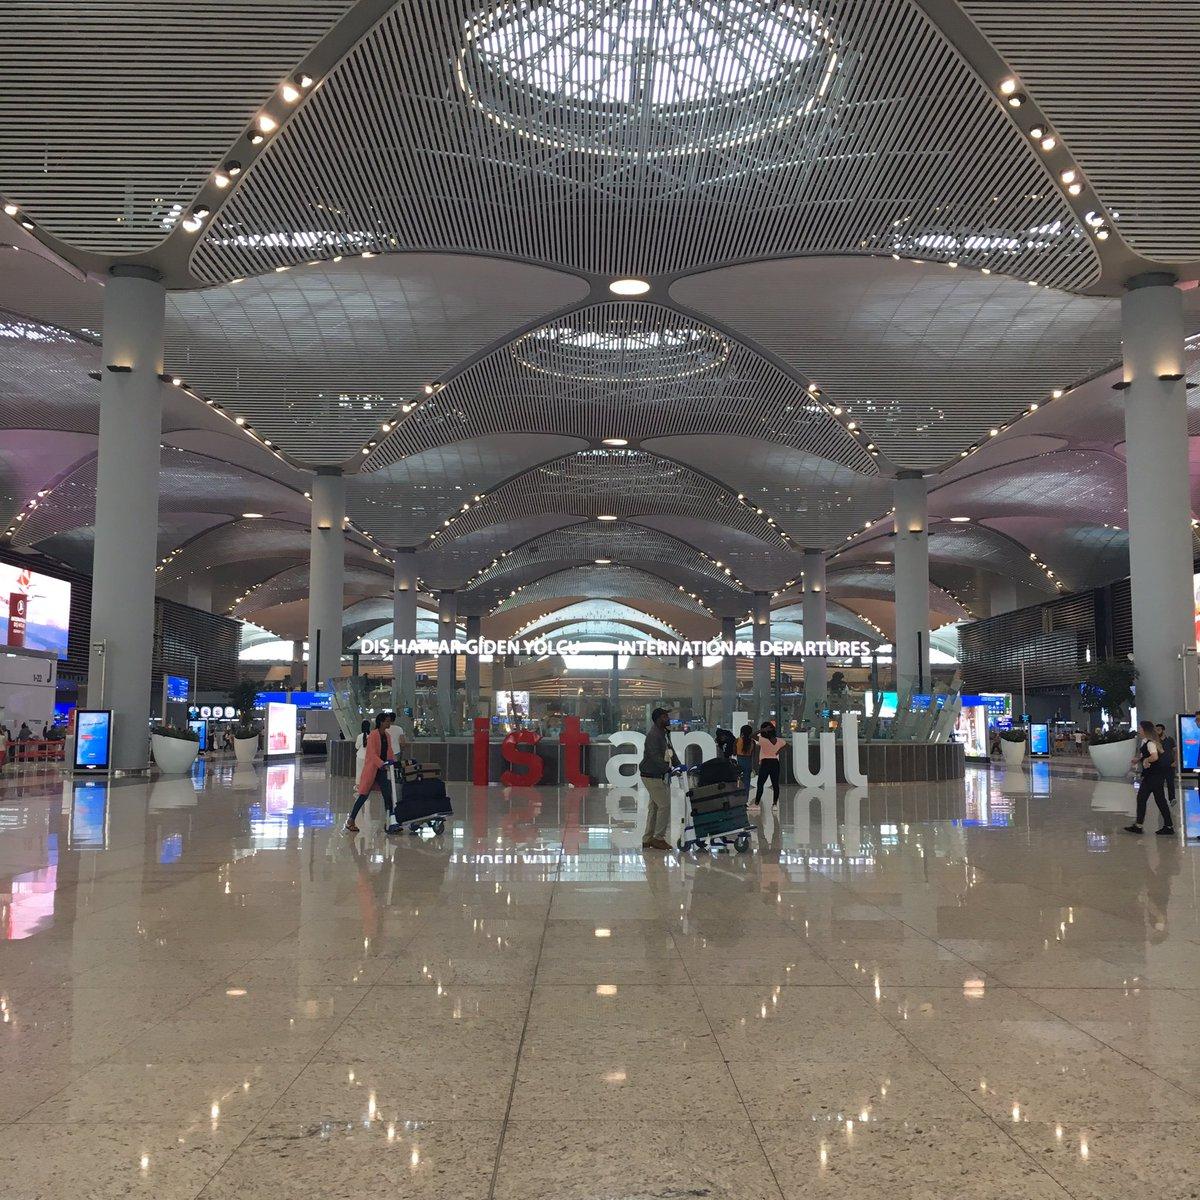 test ツイッターメディア - イスタンブール空港✈️。 これから、ドバイ行きに乗ります。 長い帰路がはじまる😅。 トルコリラは、変換レートな良くないから、全部使ってしまおう💸 帰りたくなーーい🤣 でも、ちょっと帰りたい😆 https://t.co/Gbx53K2IZE